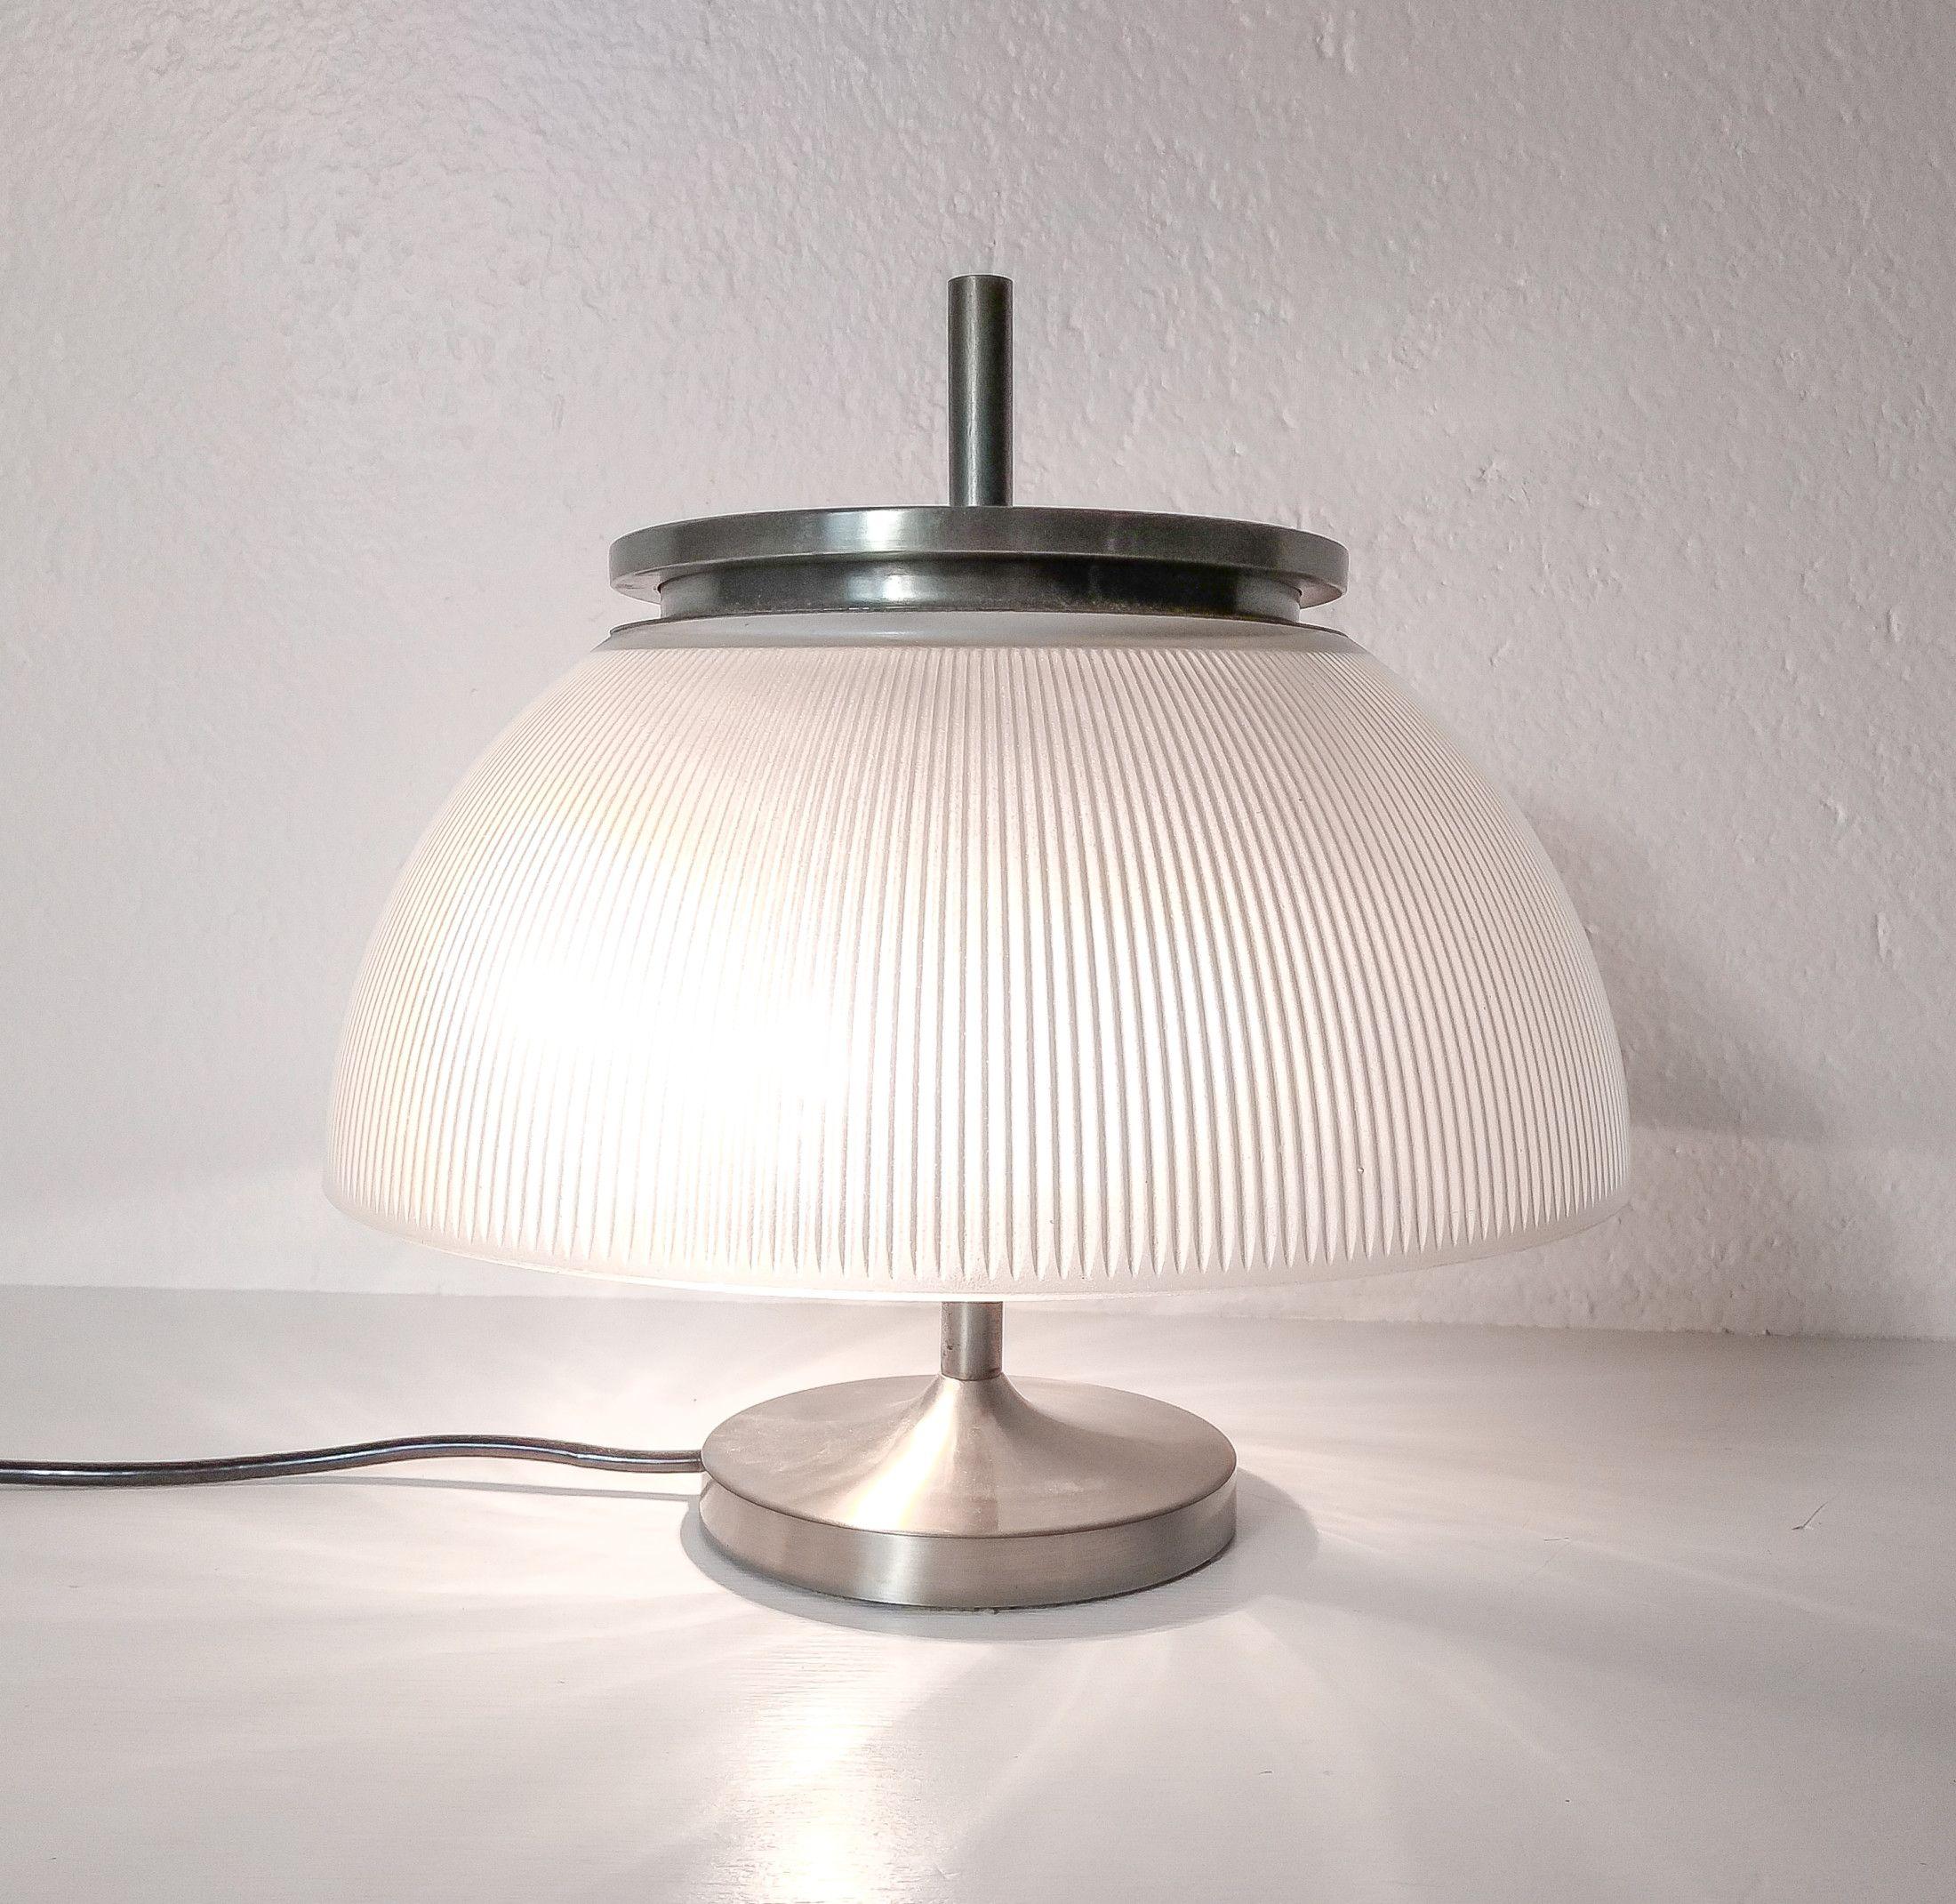 Lampada Da Tavolo Di Design Alfetta Di Segio Mazza Per Artemide Italia Anni 60 Lampade Da Tavolo Lampade Design